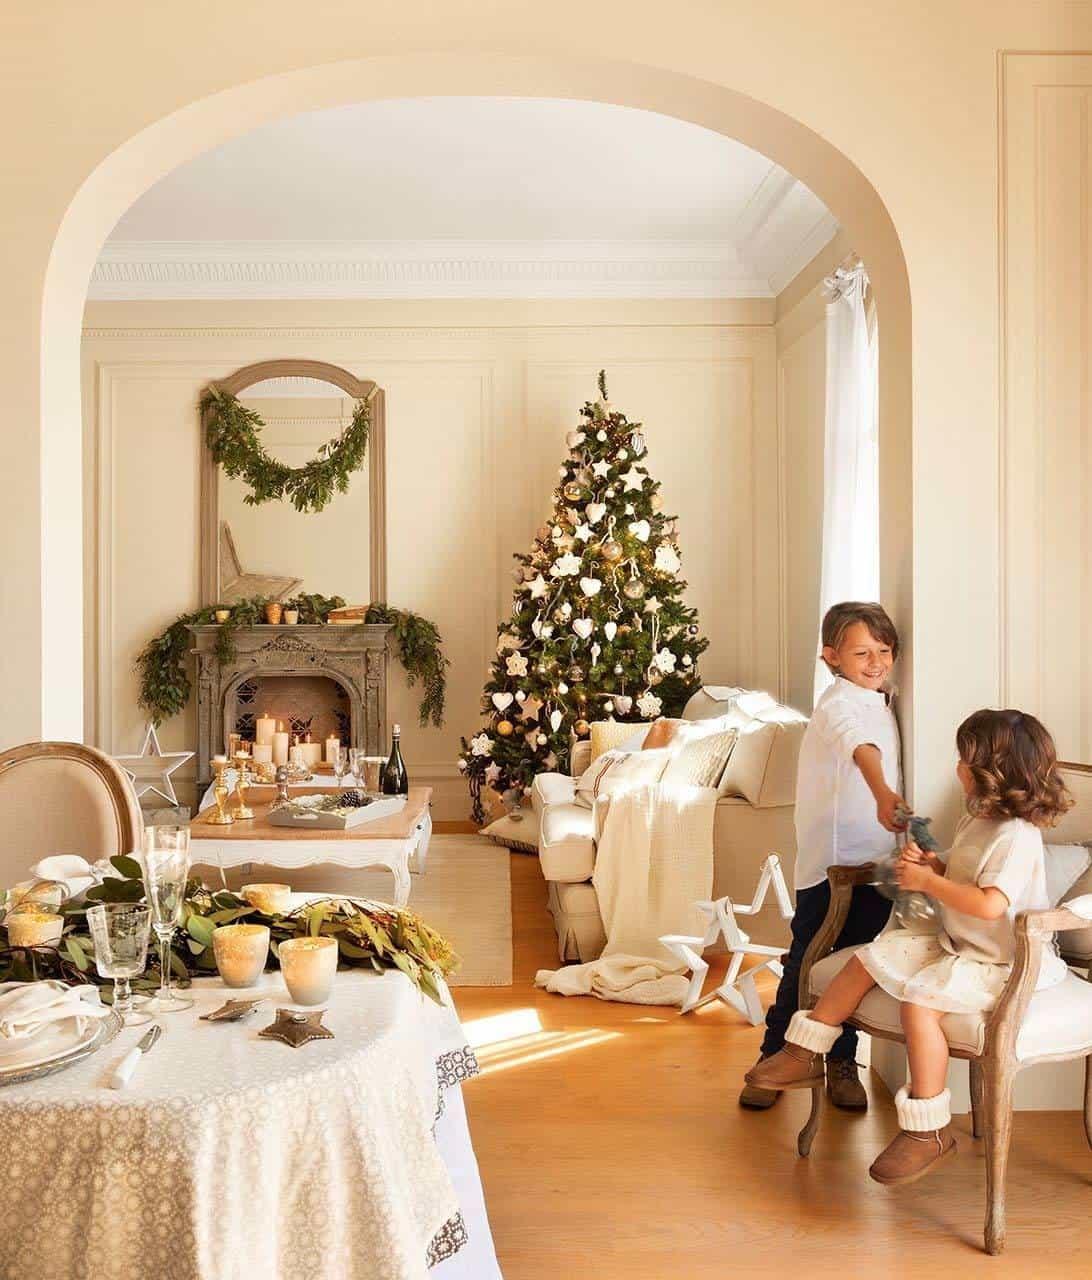 Maison décorée de Noël-06-01 Kindesign